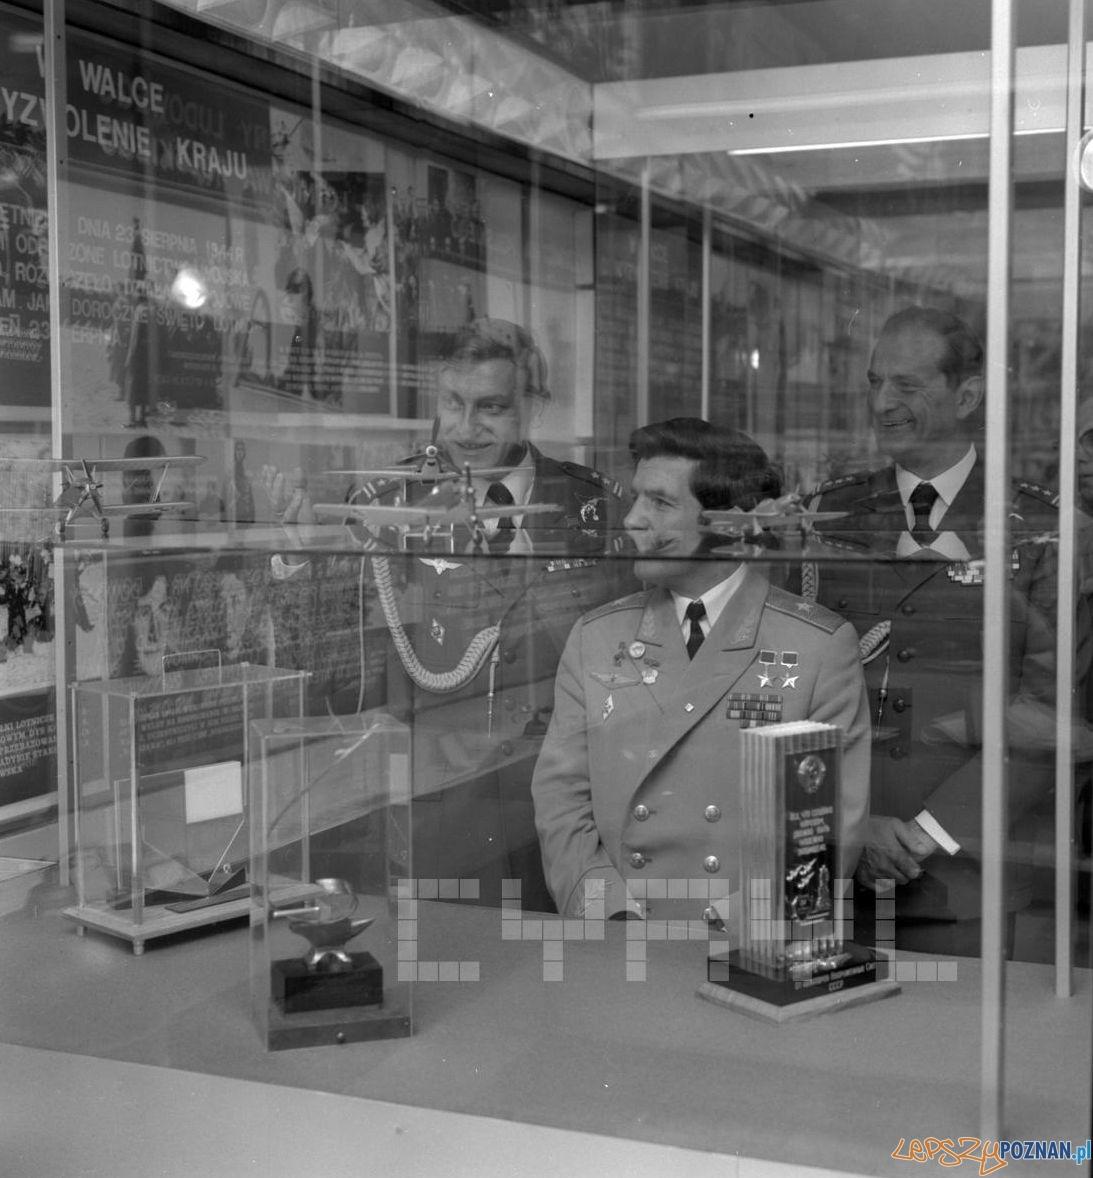 Wizyta kosmonautów Mirosława Hermaszewskiego i Piotra Klimuka w Poznaniu 28.07.1978  Foto: Stanisław Wiktor / Cyryl